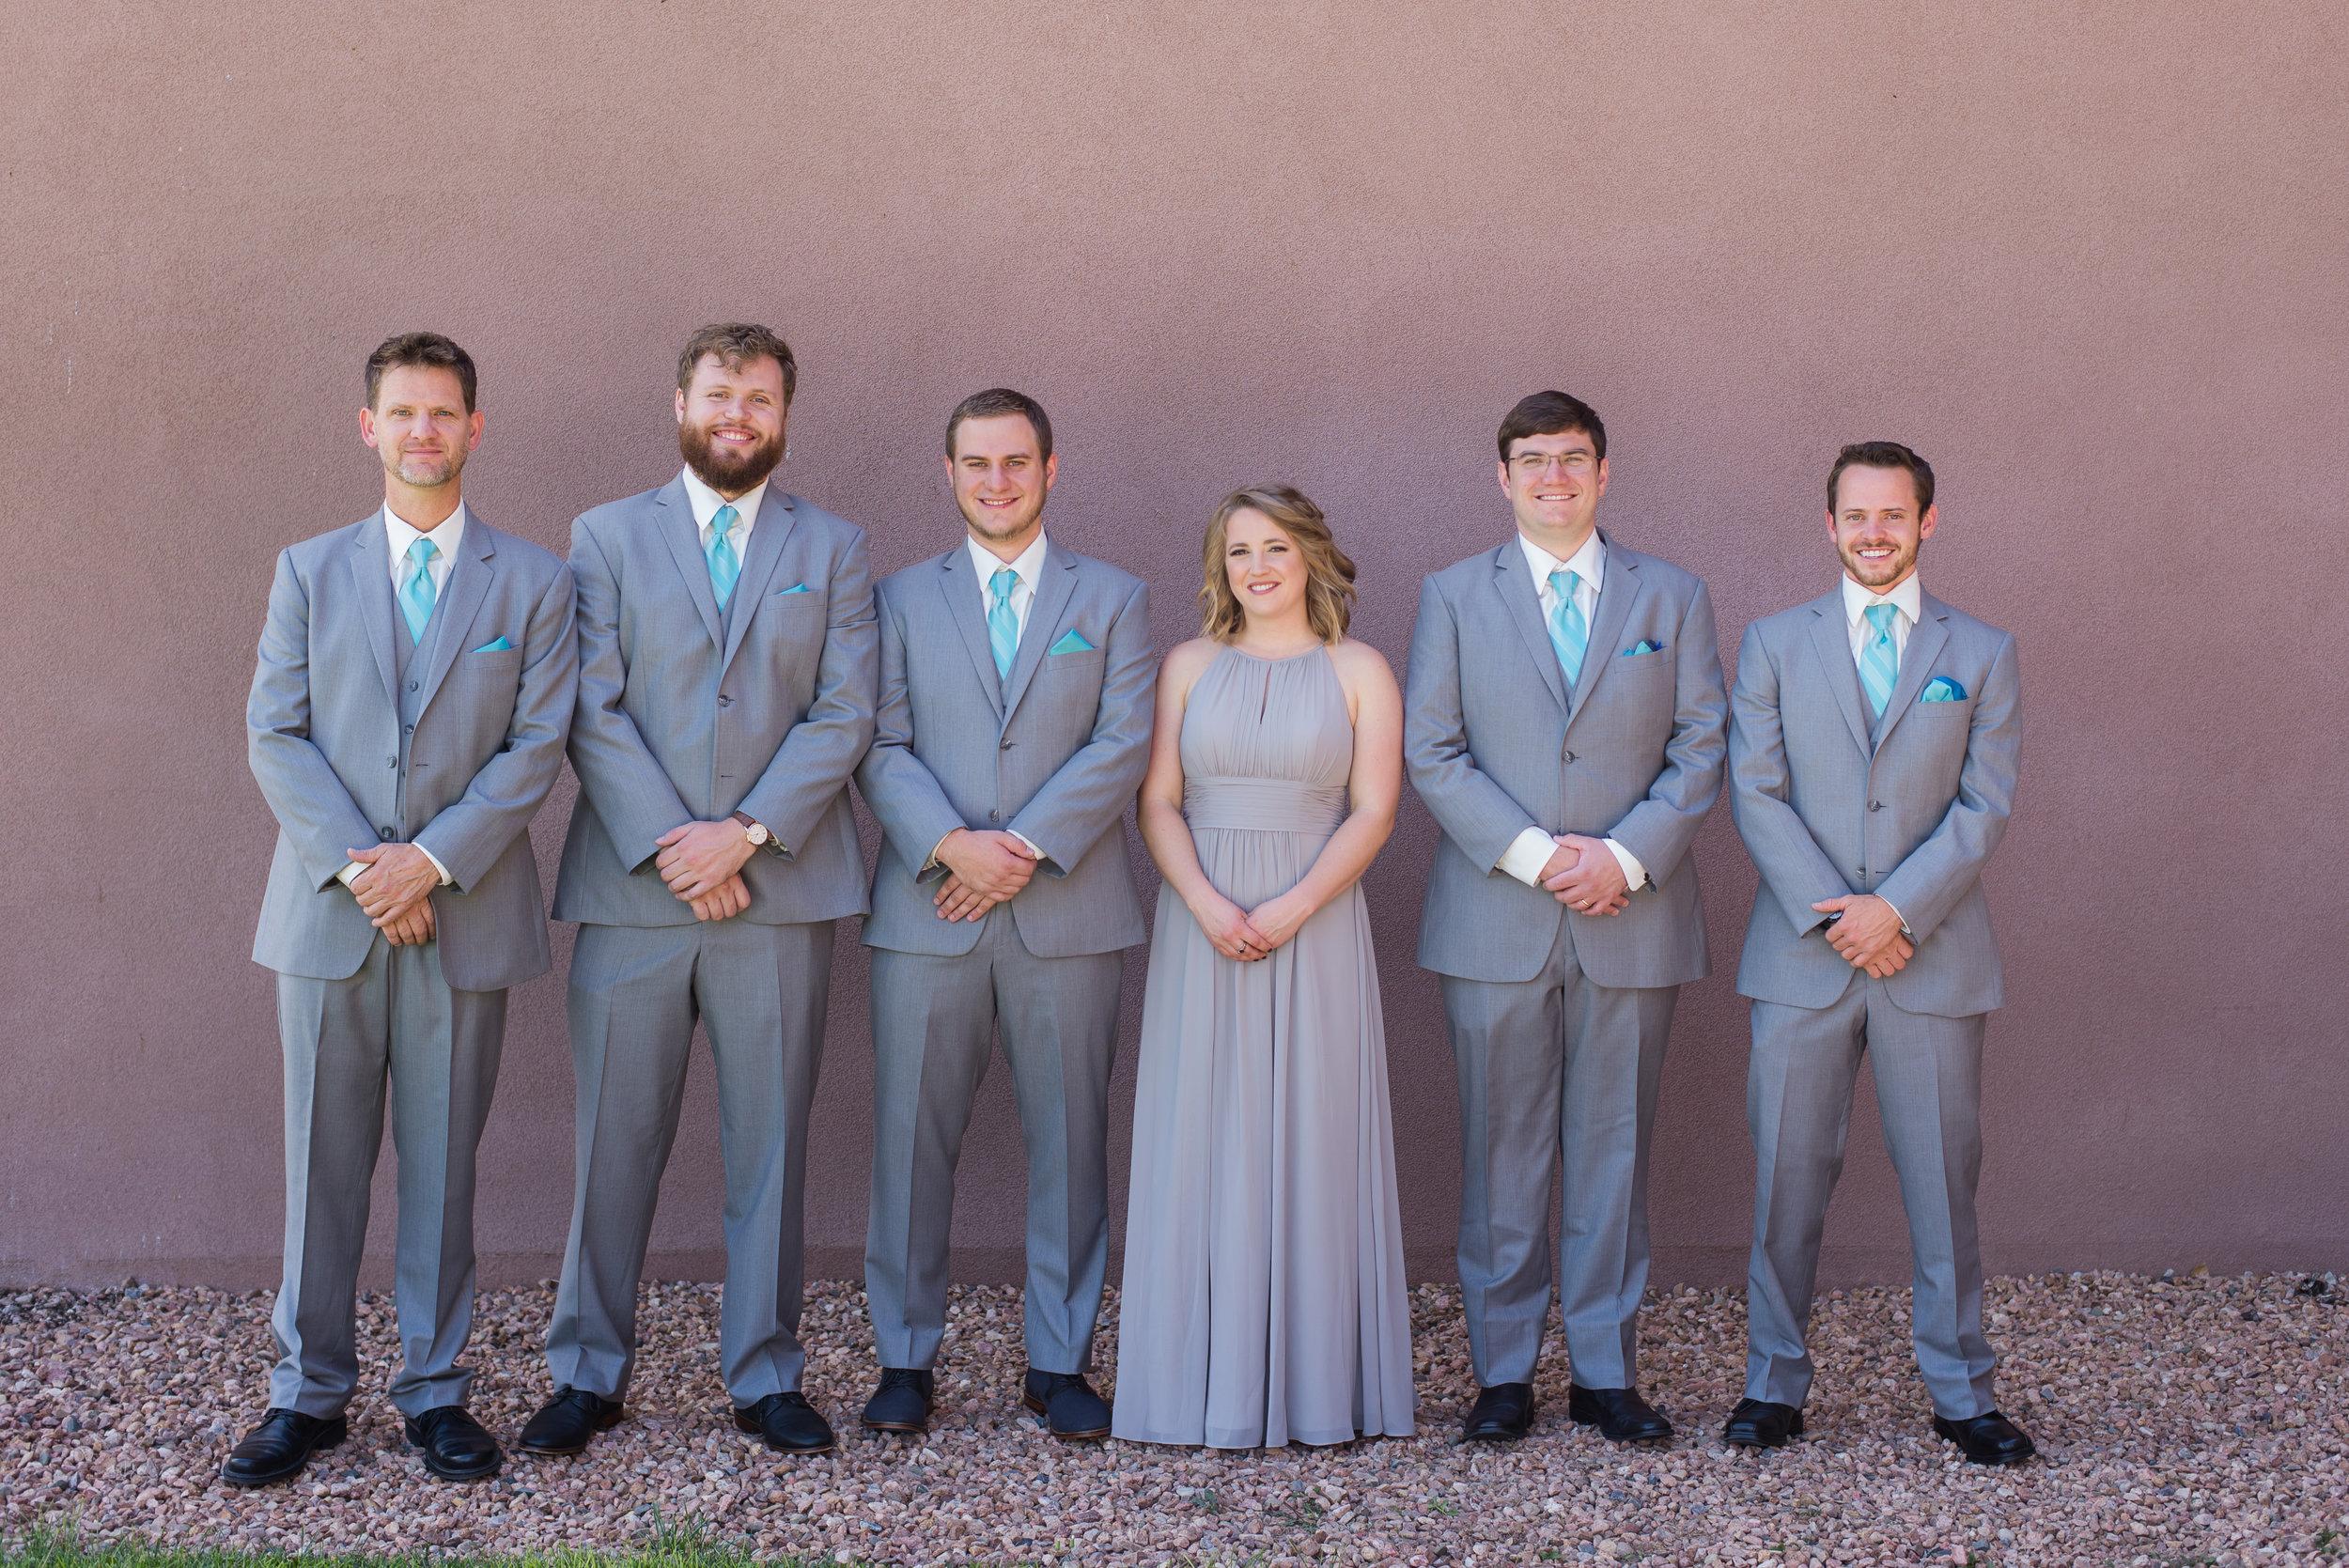 Everyone looks fabulous in grey formal wear.